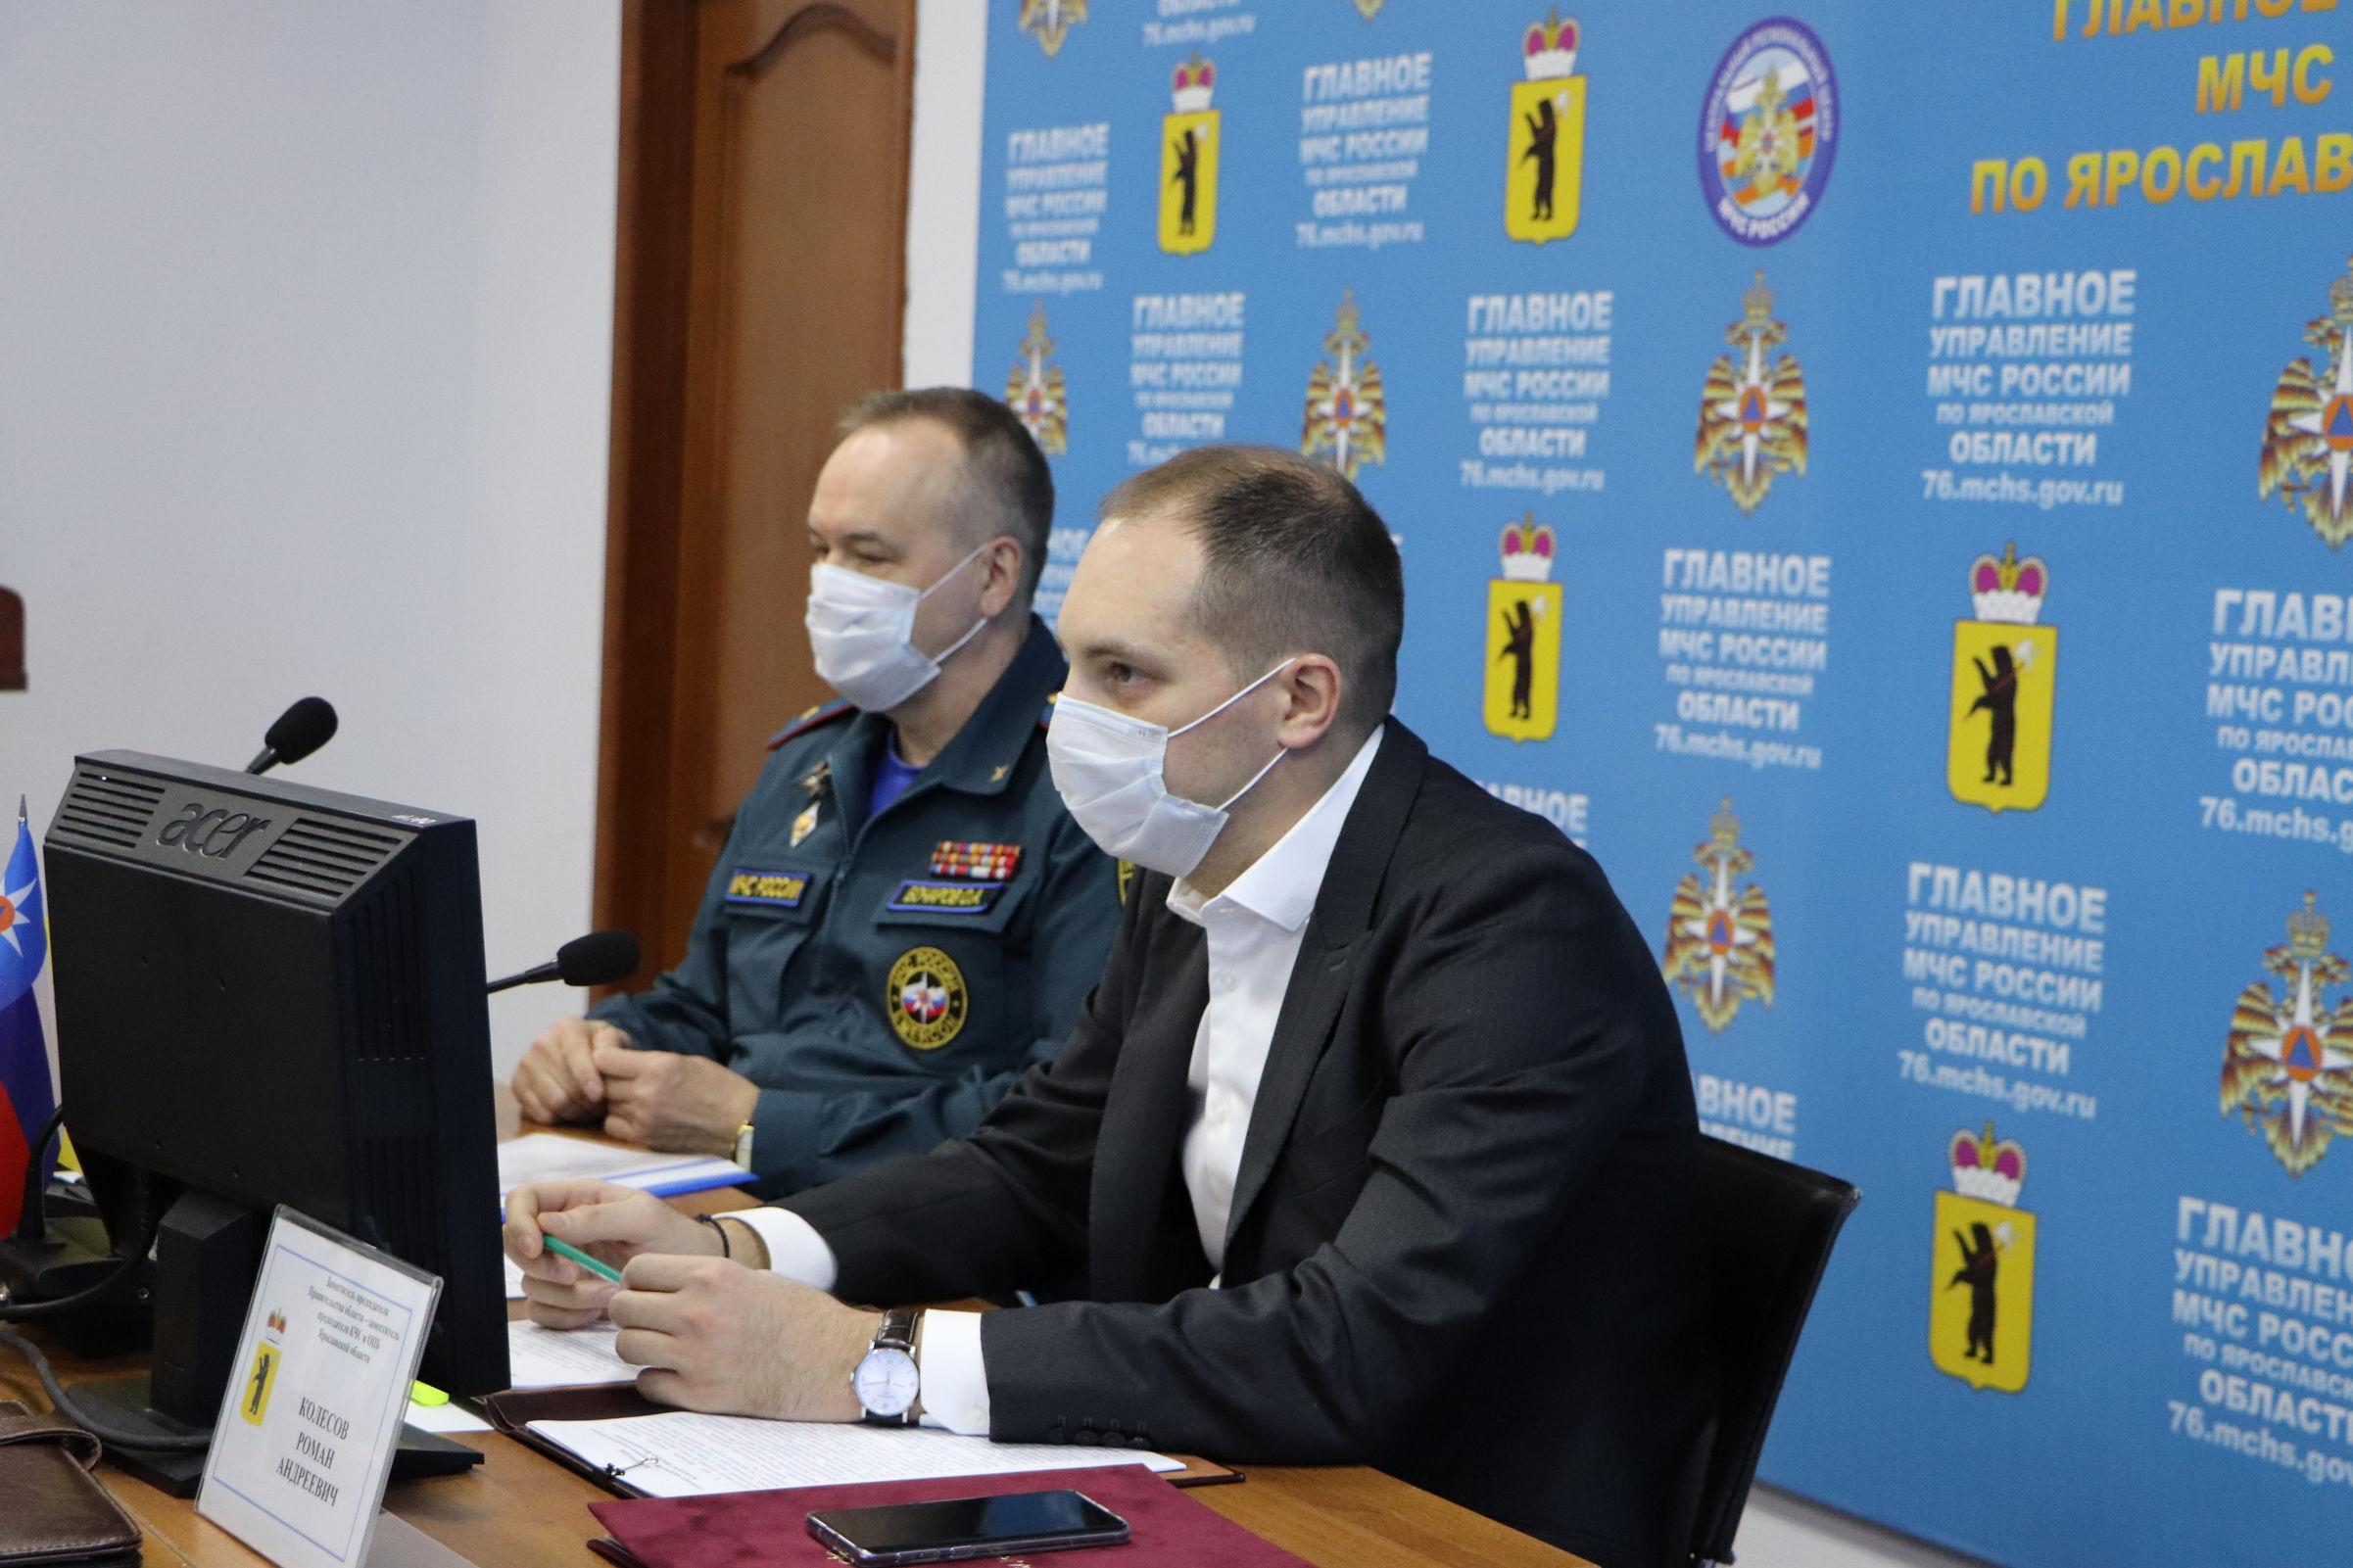 В Ярославской области мониторят ситуацию на водоемах: какова гидрологическая обстановка в регионе